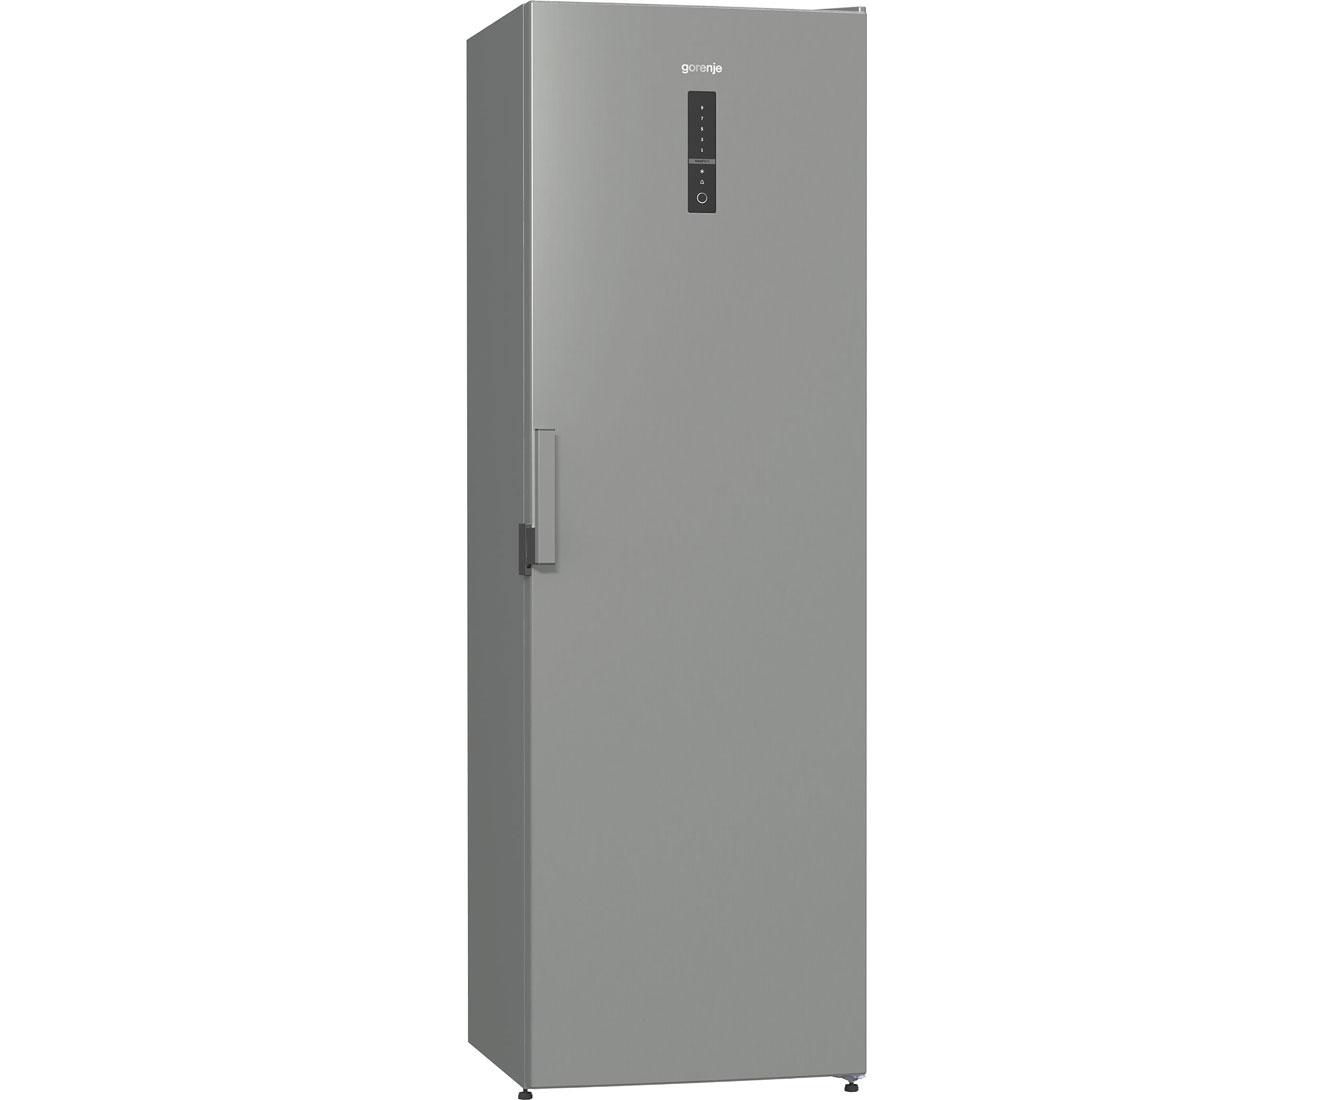 Edelstahl Kühlschrank Preisvergleich • Die besten Angebote online kaufen